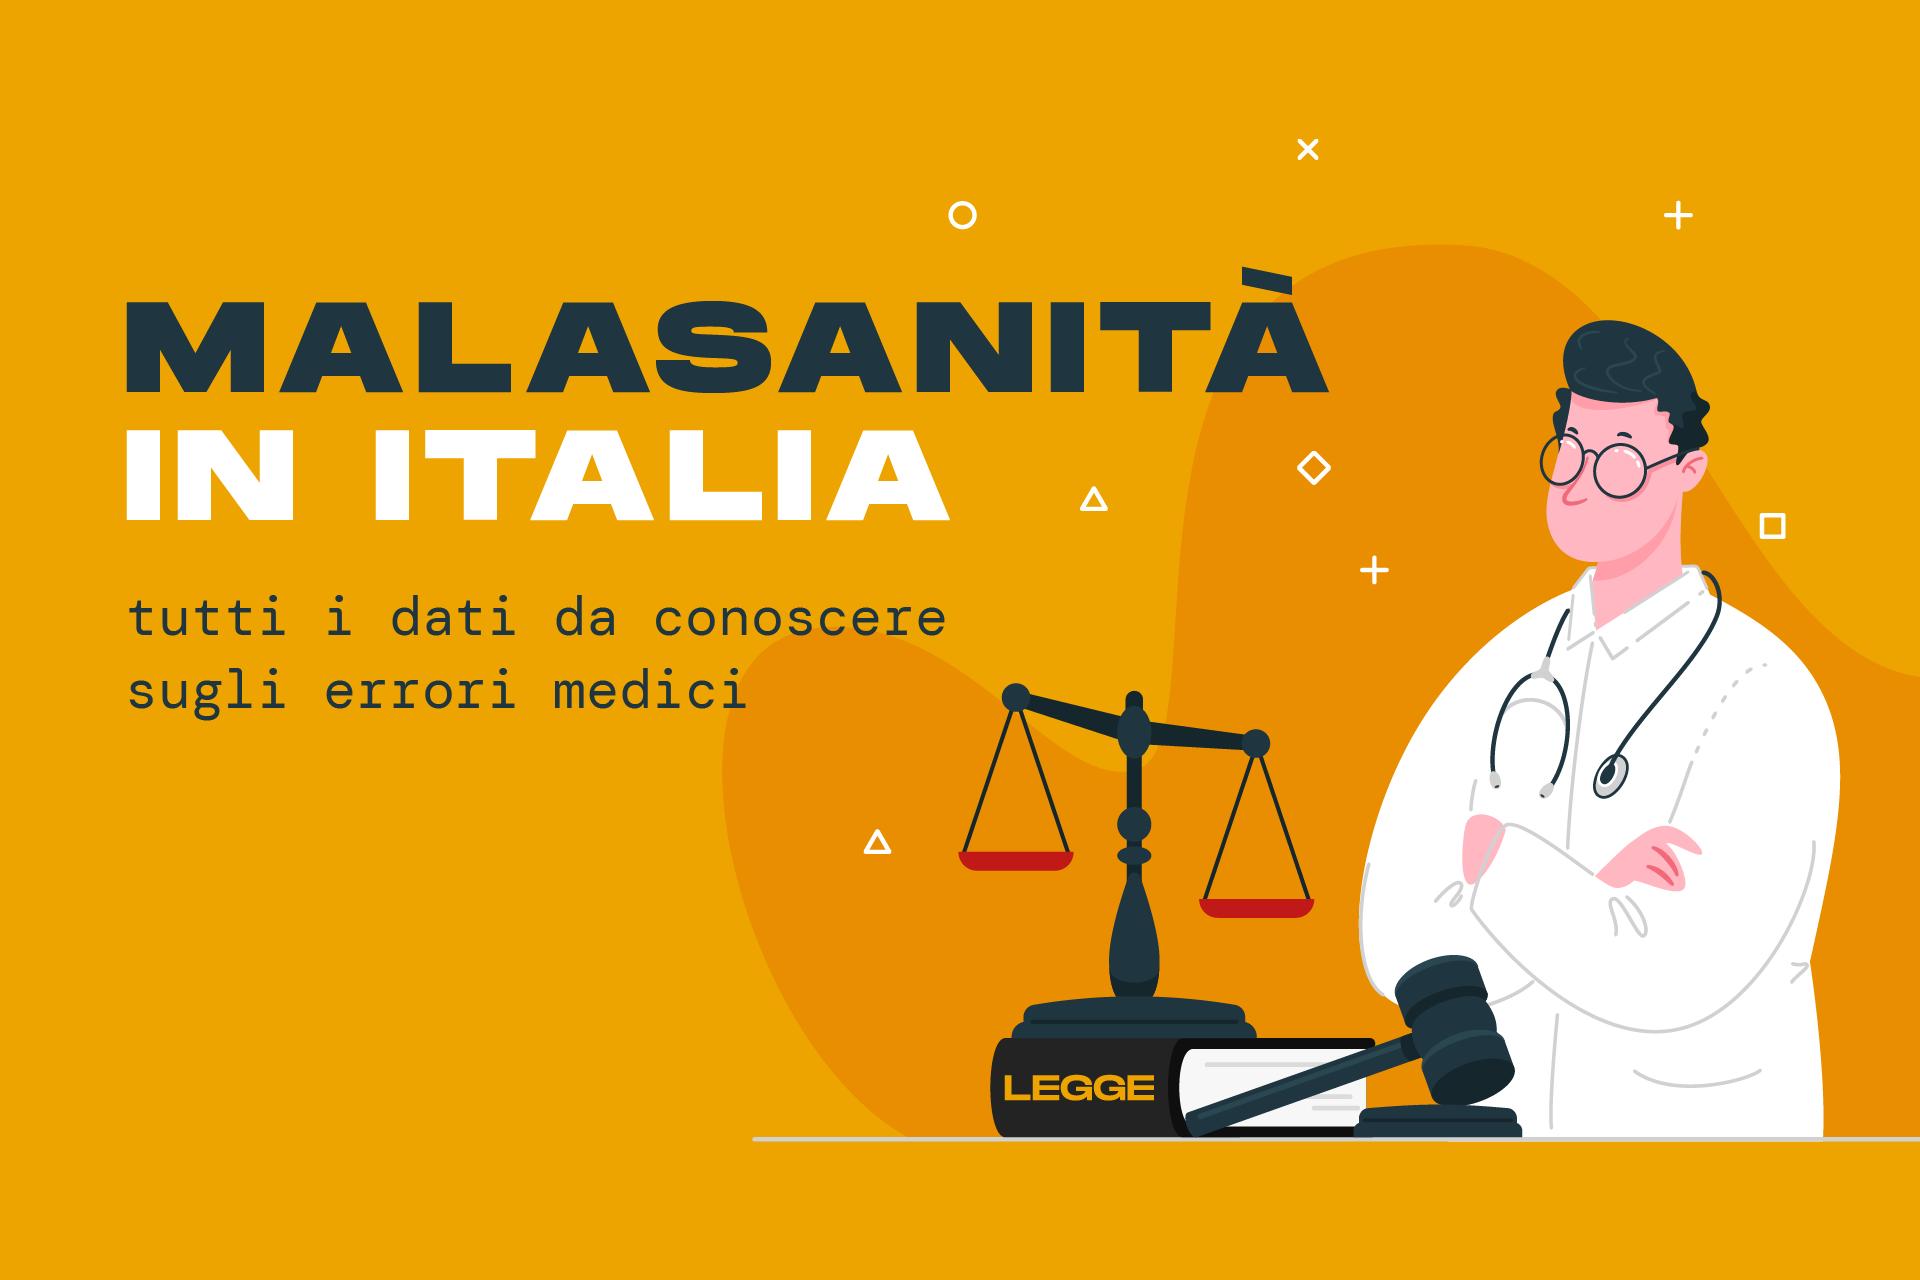 Errori medici in Italia, tutta la verità sui costi della malasanità